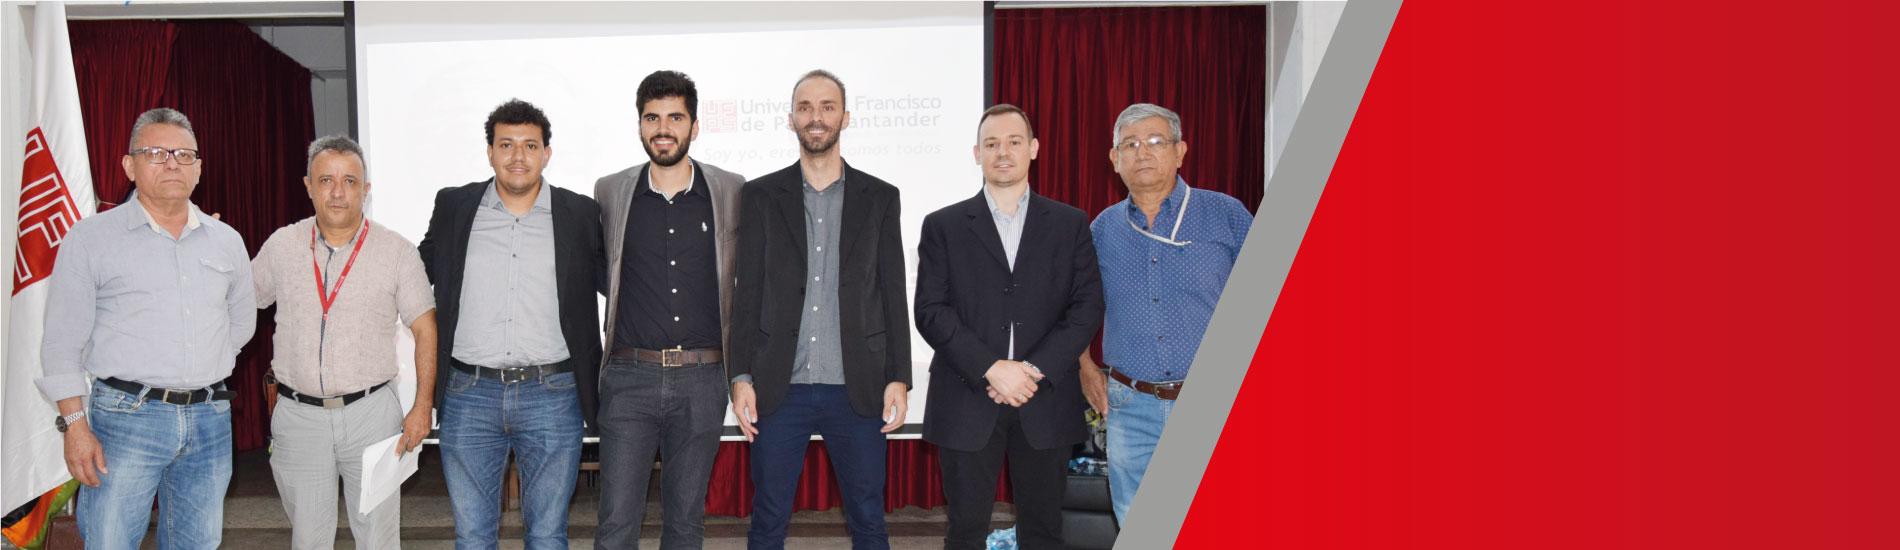 Programa de Ingeniería Mecánica realizó Primera Jornada Internacional sobre Procesos de Manufactura Convencional